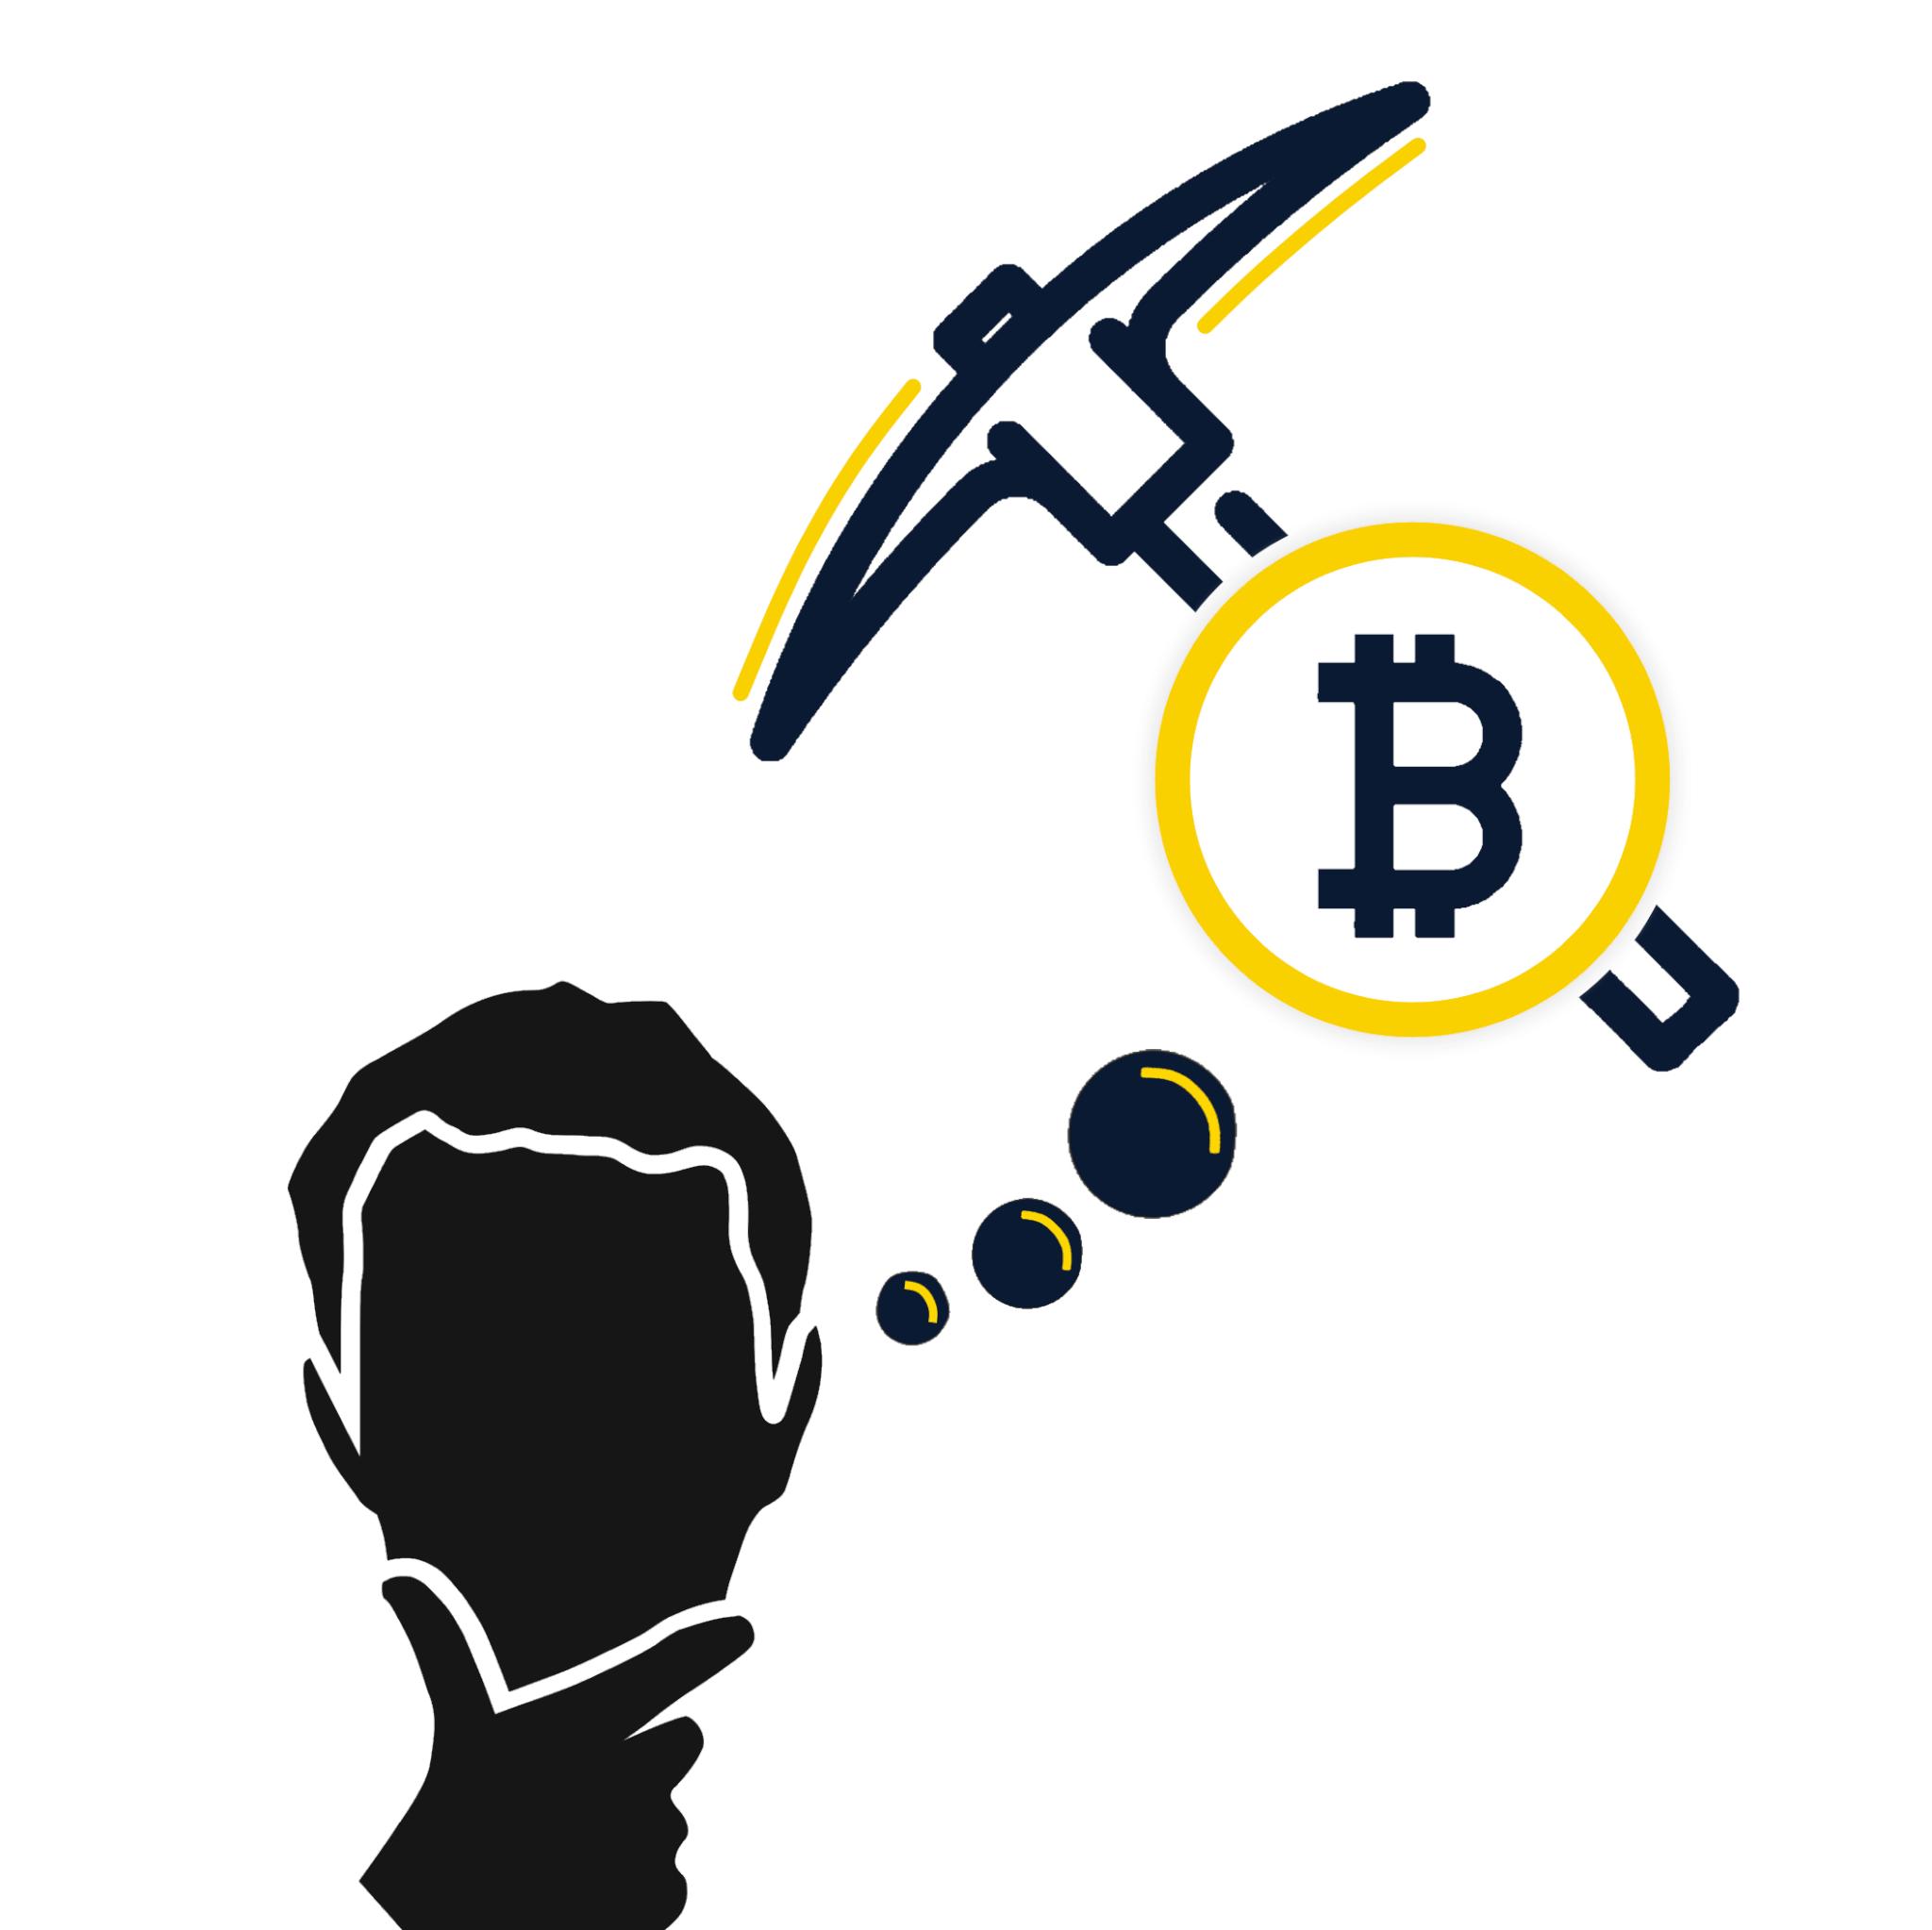 https://ako-tazit-kryptomeny.sk/cs/vyplati-se-tezit-bitcoin/ Vyplatí se vůbec Těžba? Nebo raději nakoupit na Burze? Rozdíl v ZISKU až 300%.